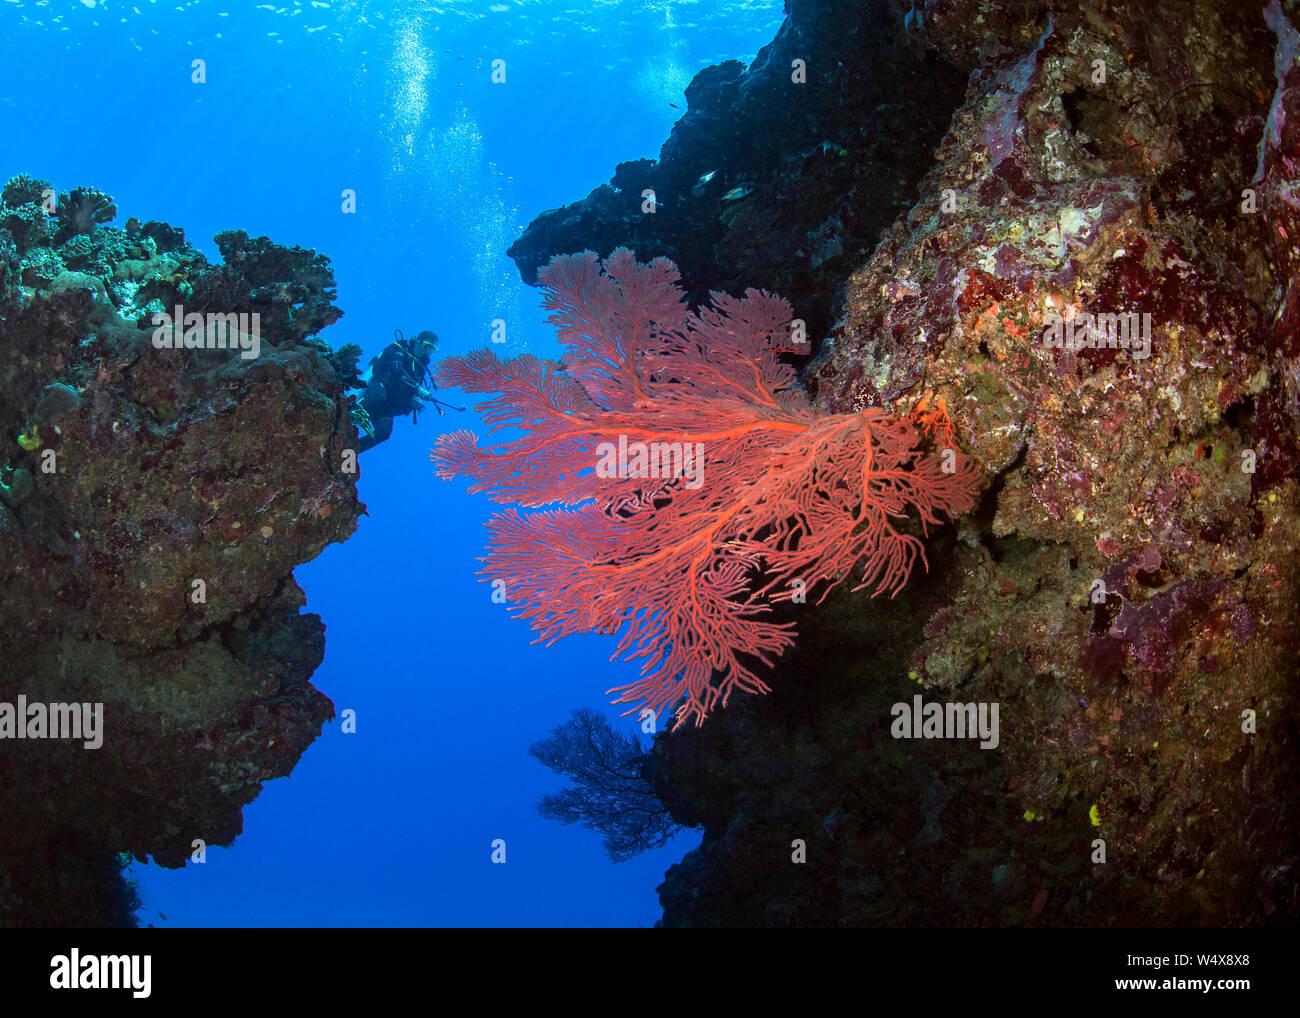 Scuba Diver femenino toma el metraje de vídeo de gran fan de mar rojo entre imponentes pináculos. Beqa Lagoon, Fiji. Foto de stock